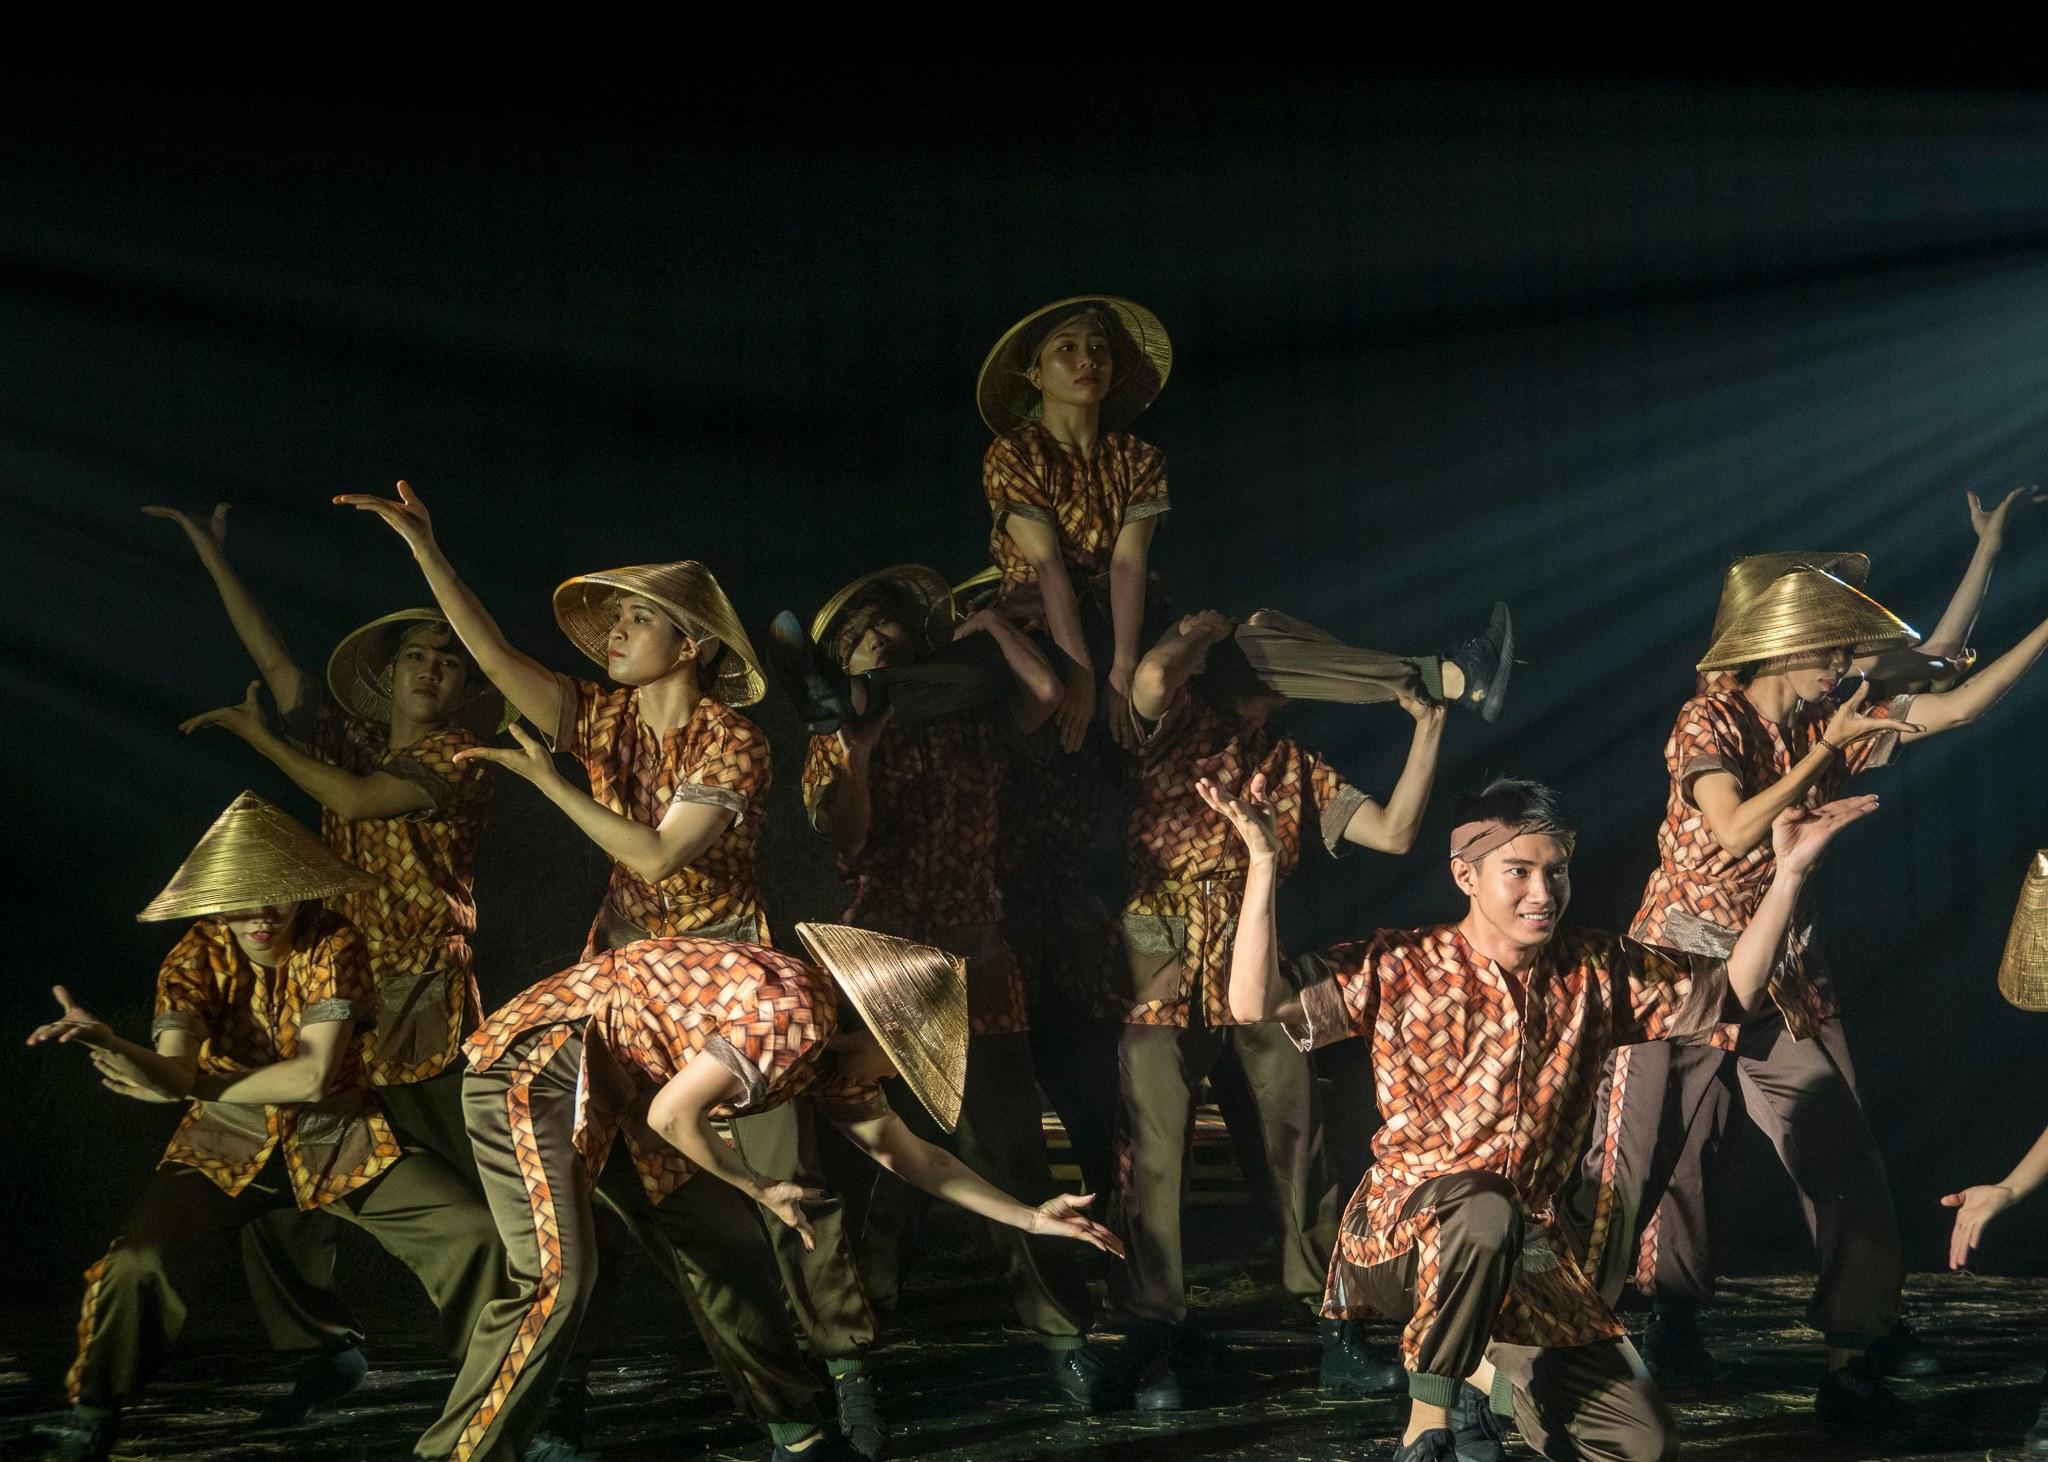 Lợi ích của nhảy hiện đại